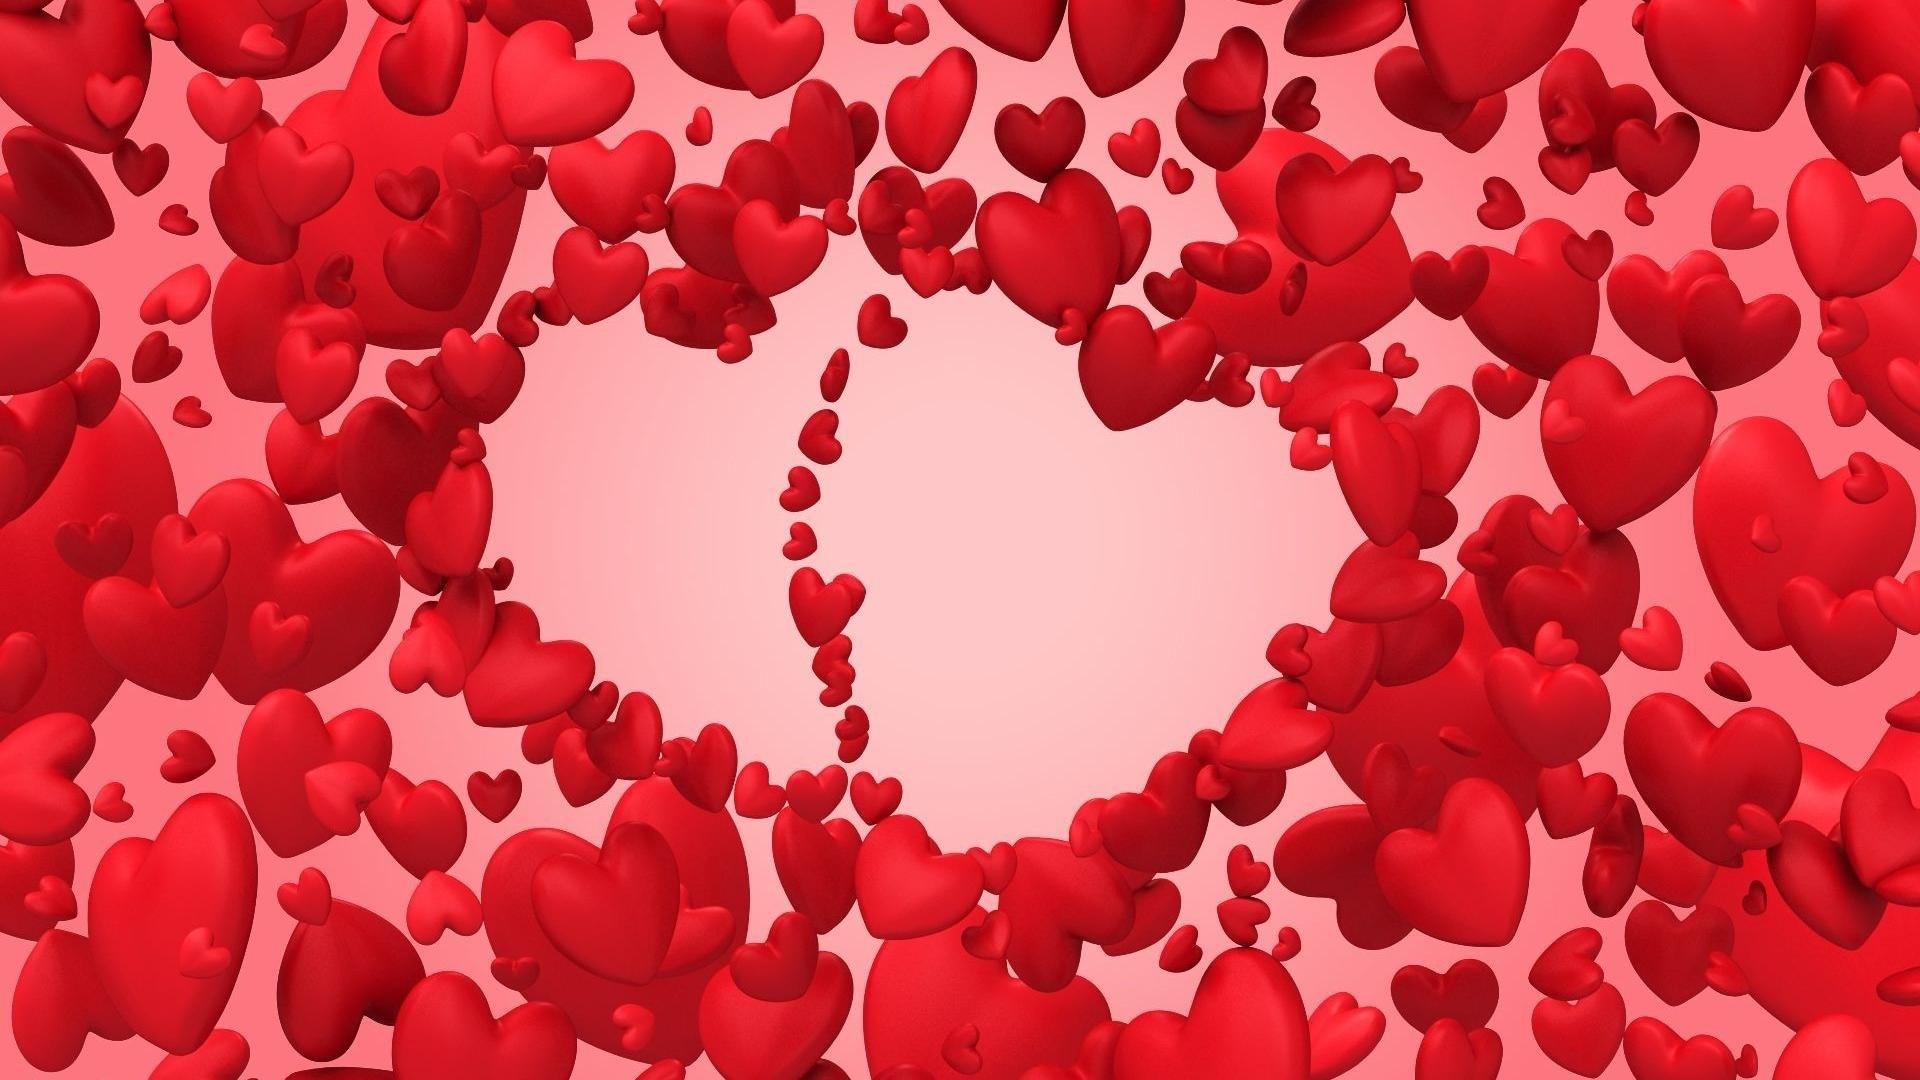 Love desktop wallpaper hd